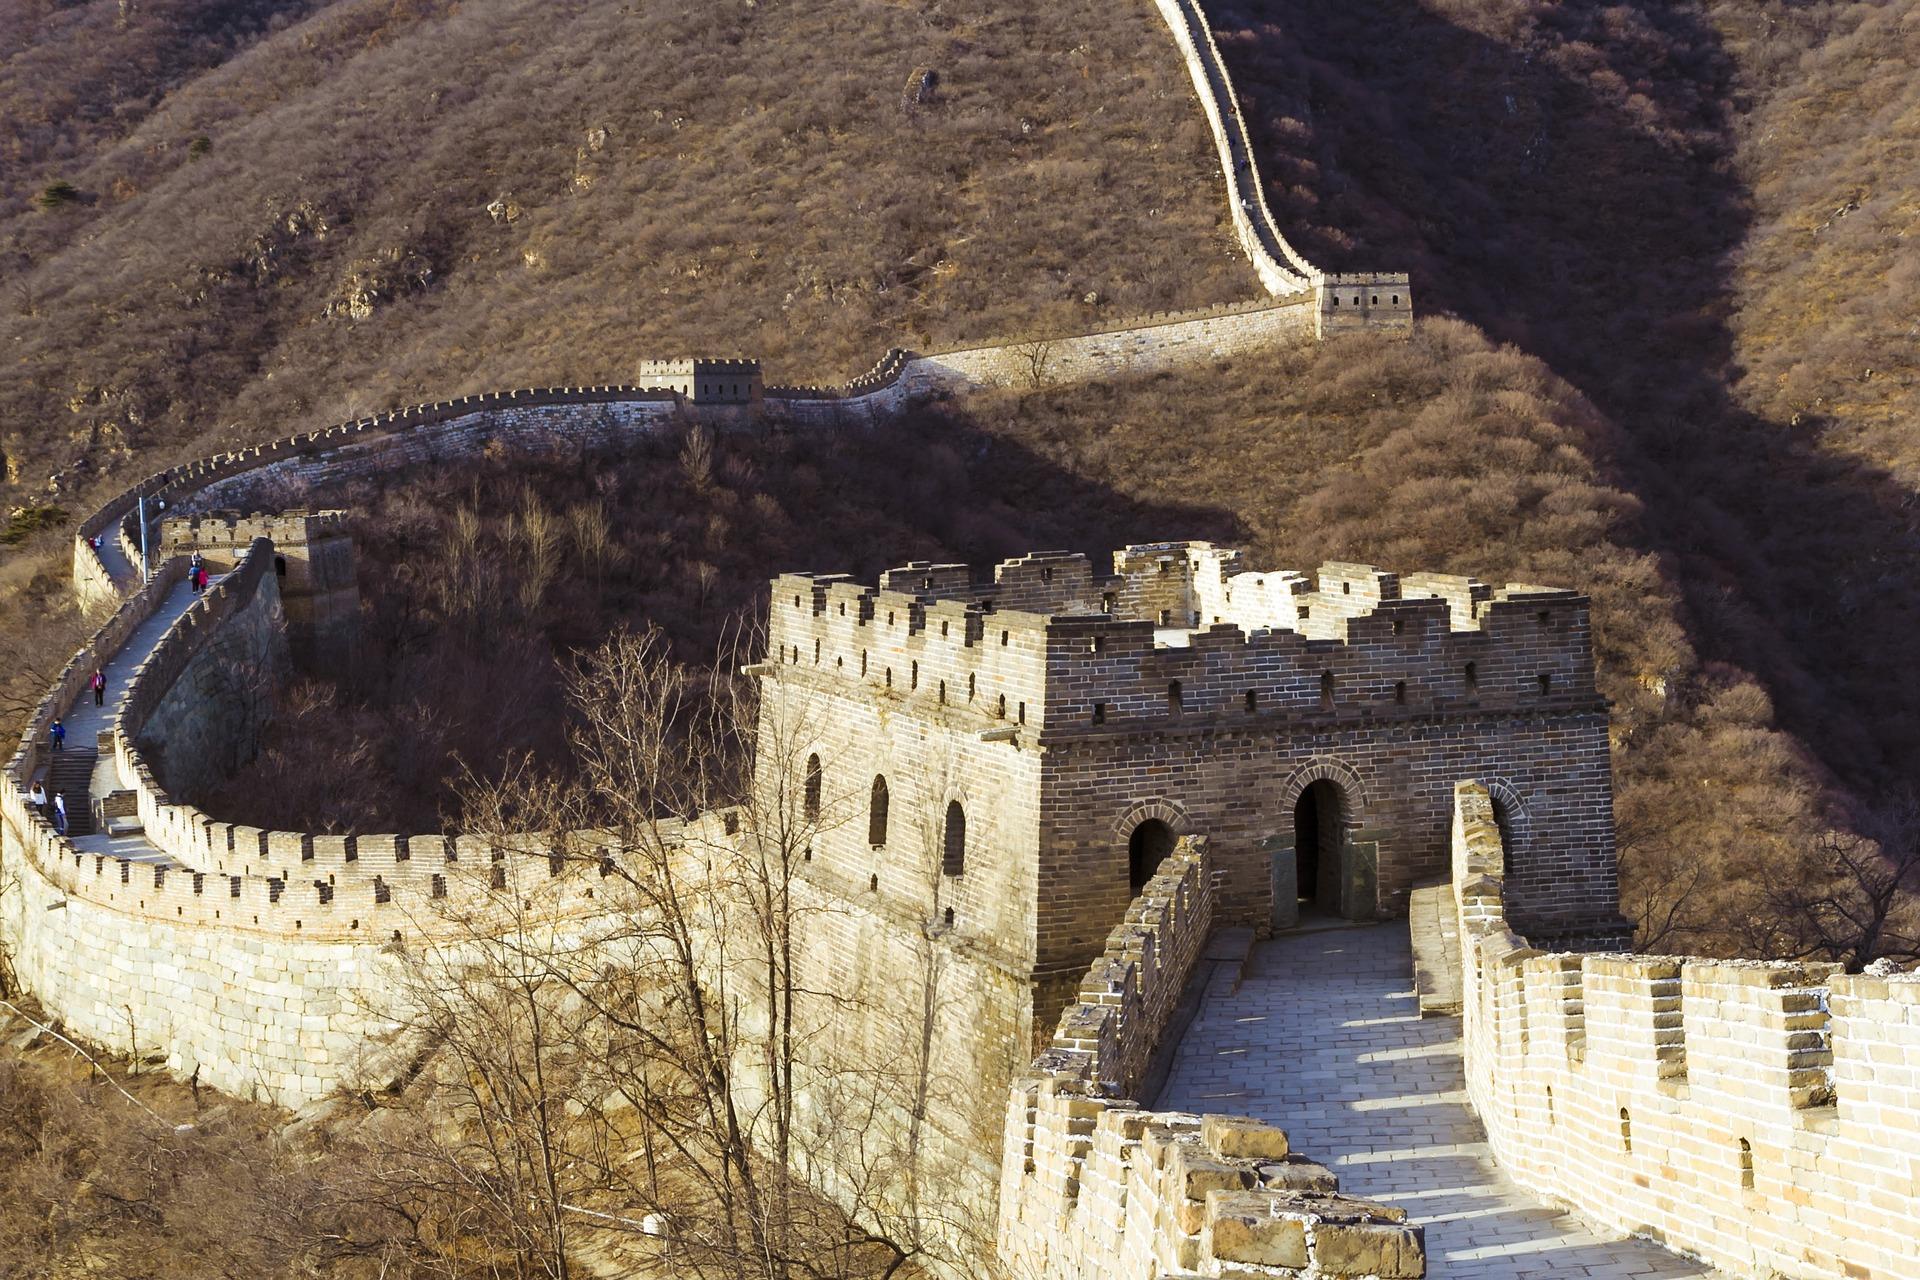 Kitajska vrača udarec –  Xi Jinping in Vladimir Putin zdaj najboljša prijatelja